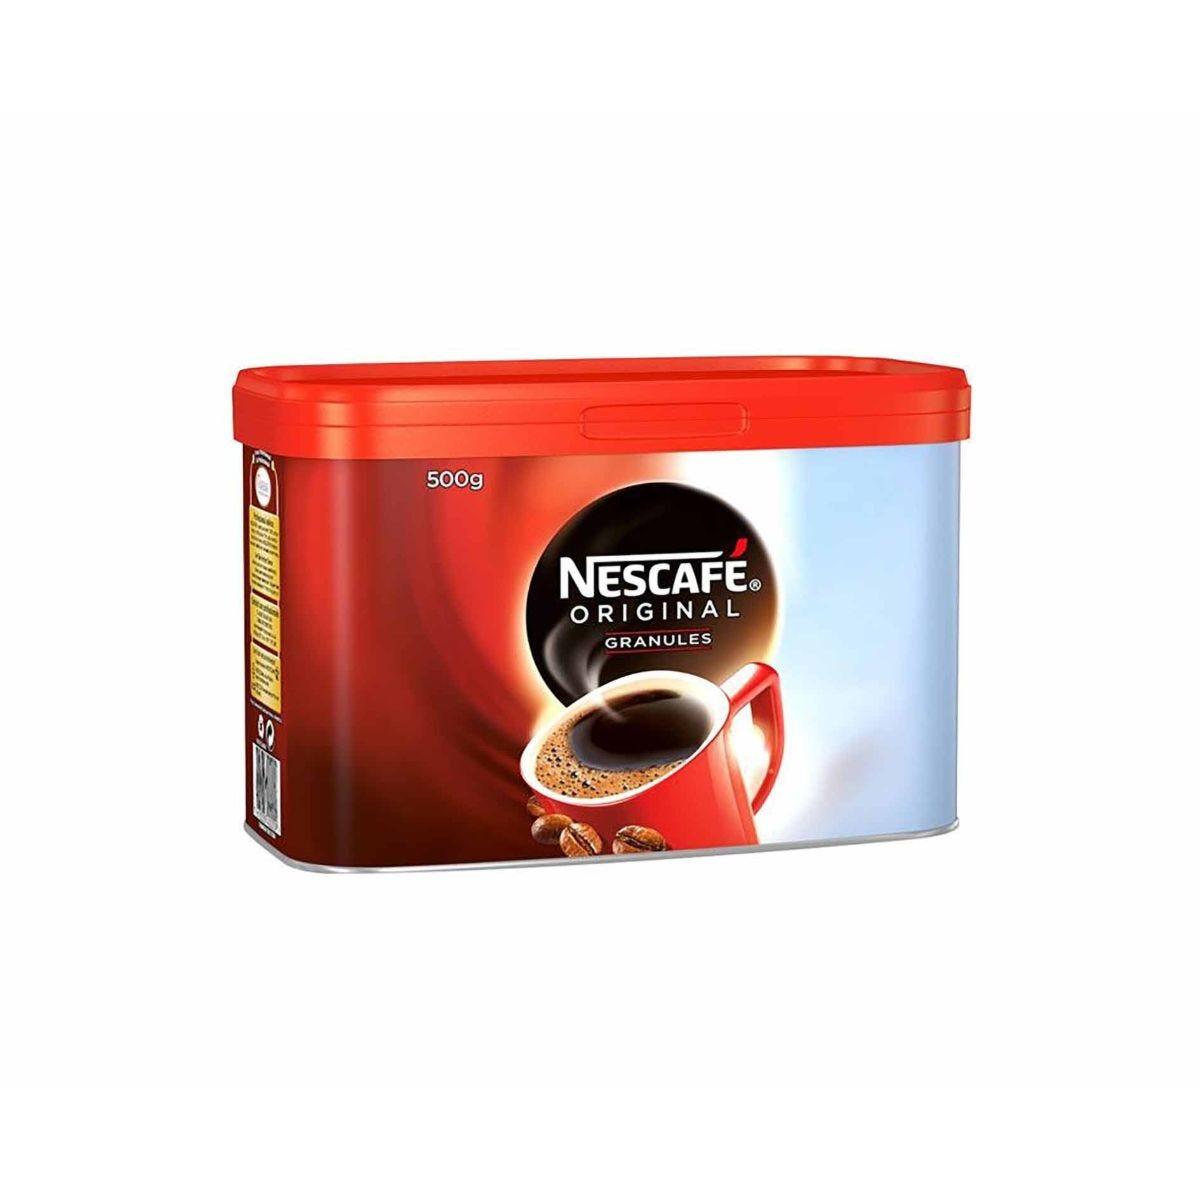 Nescafe Original Coffee 500g